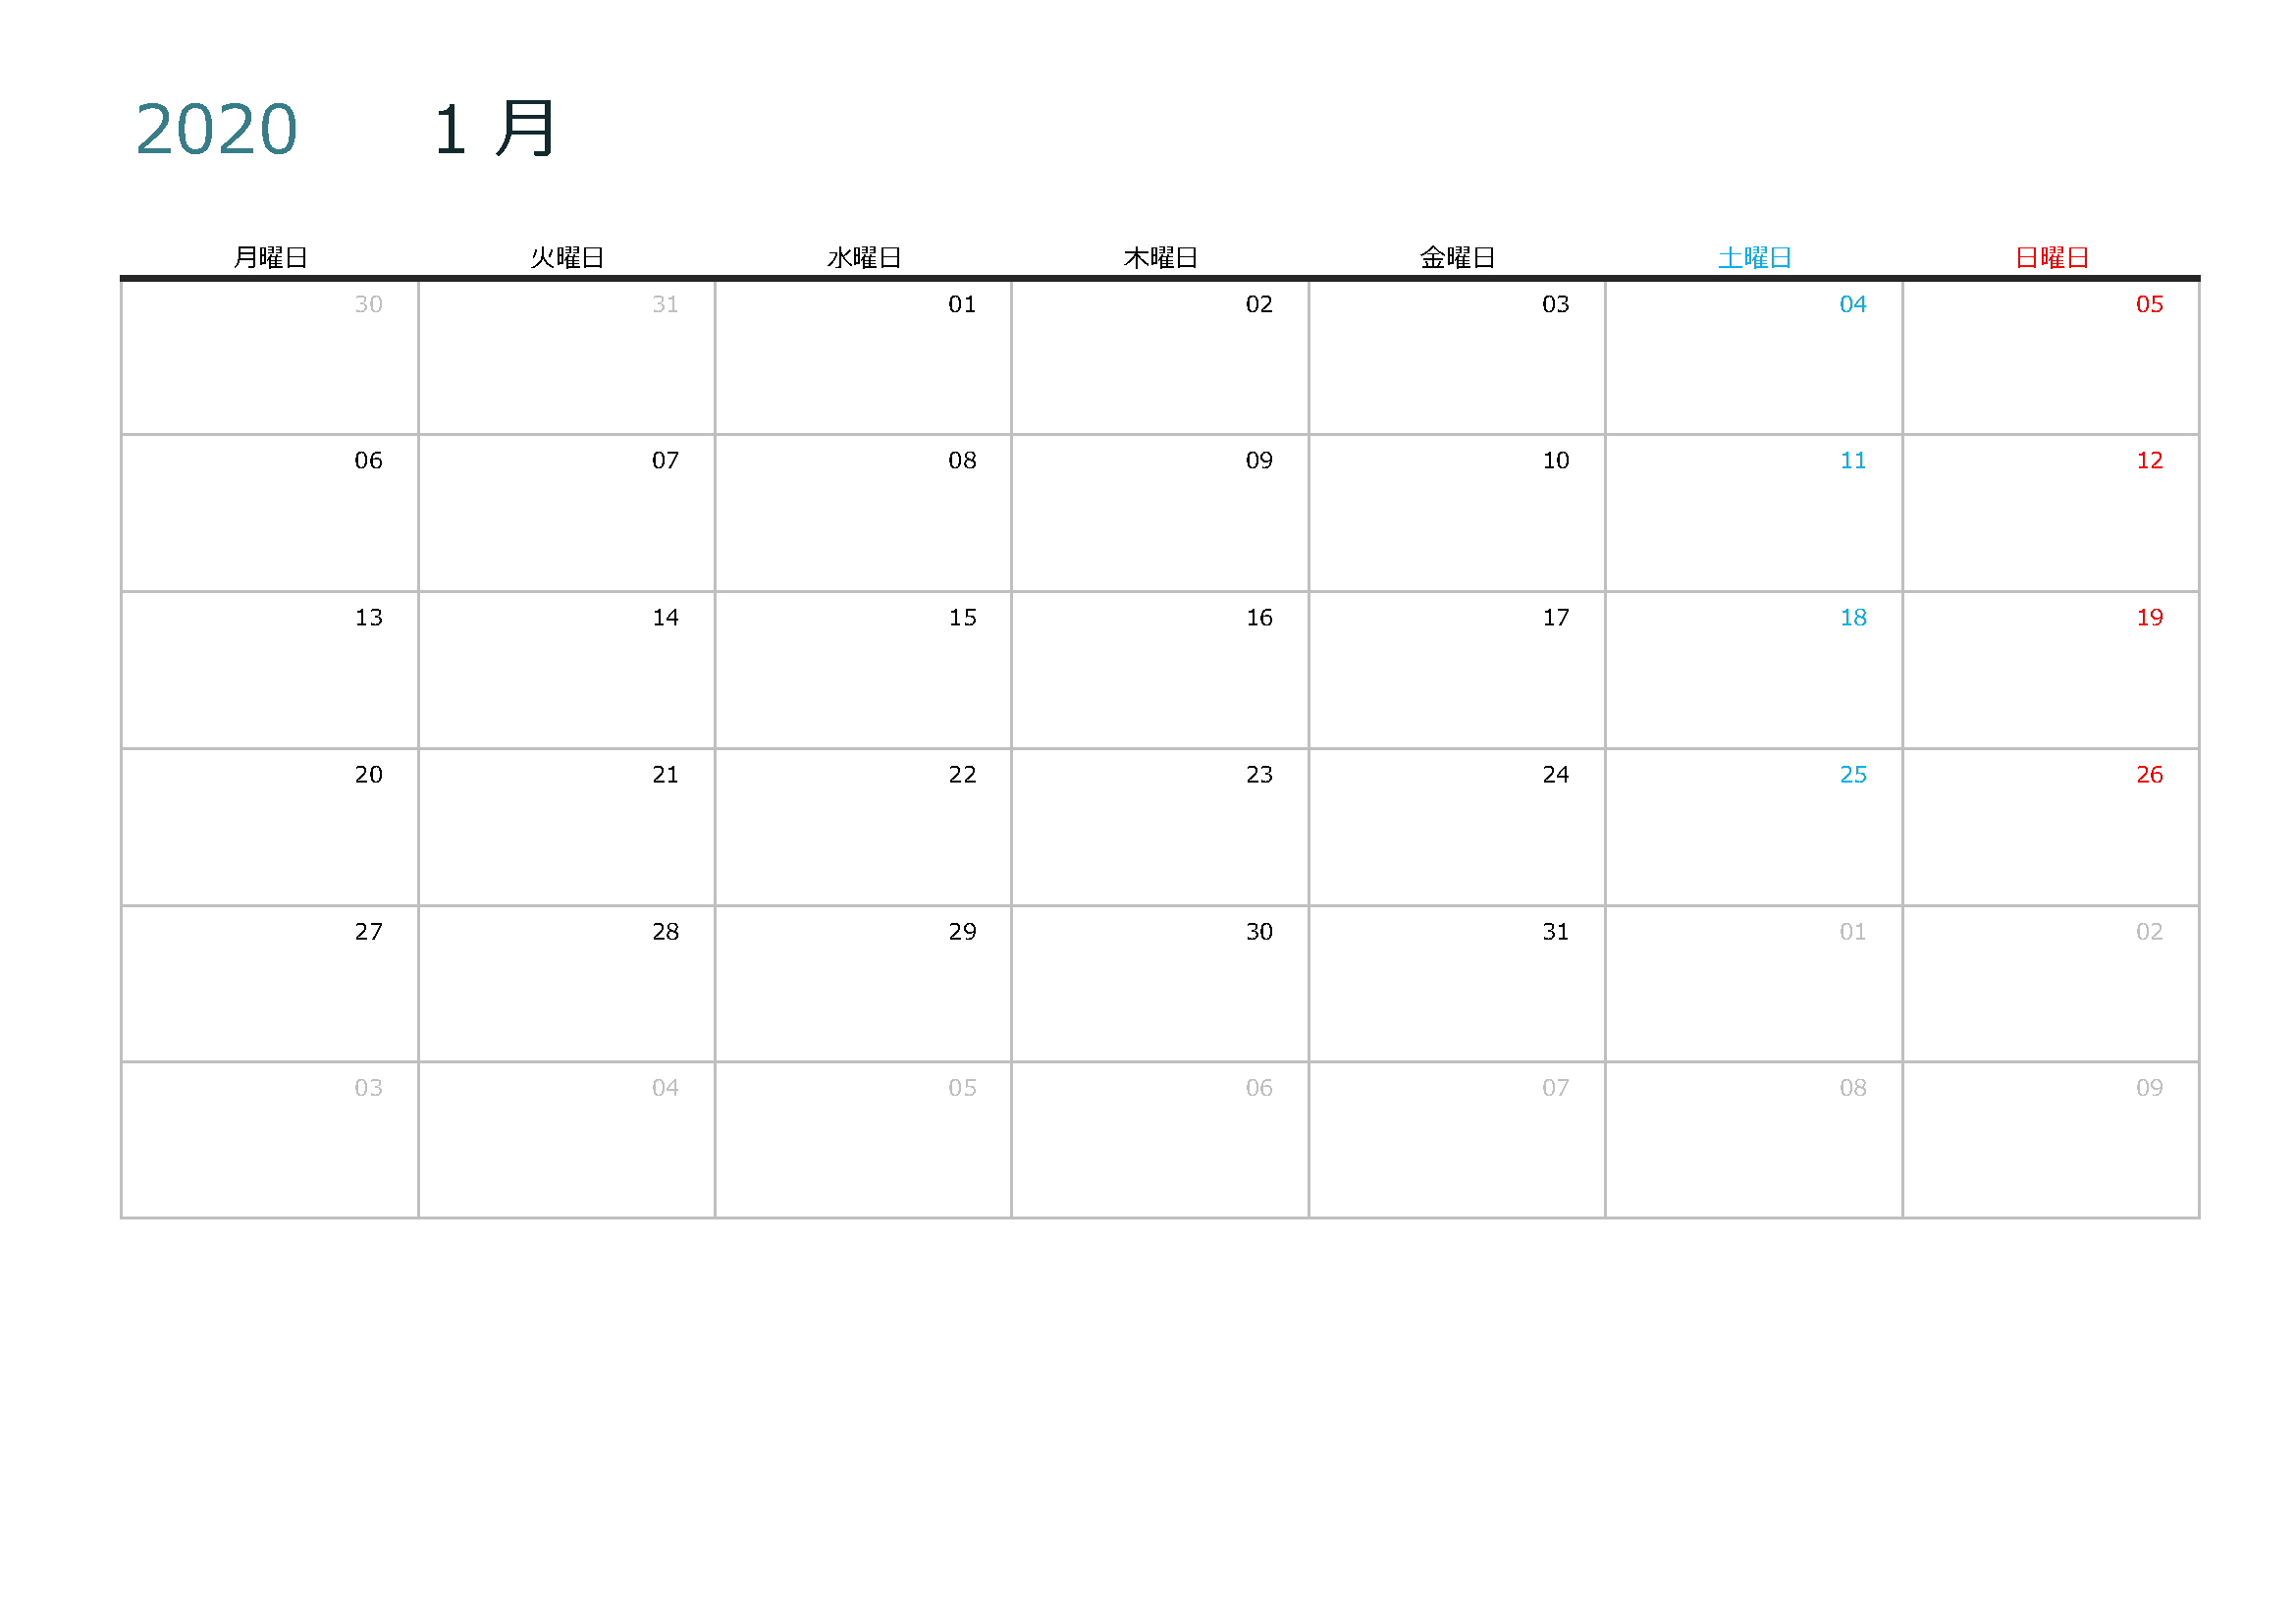 エクセル時短2020年のカレンダーをexcelのテンプレートで作る